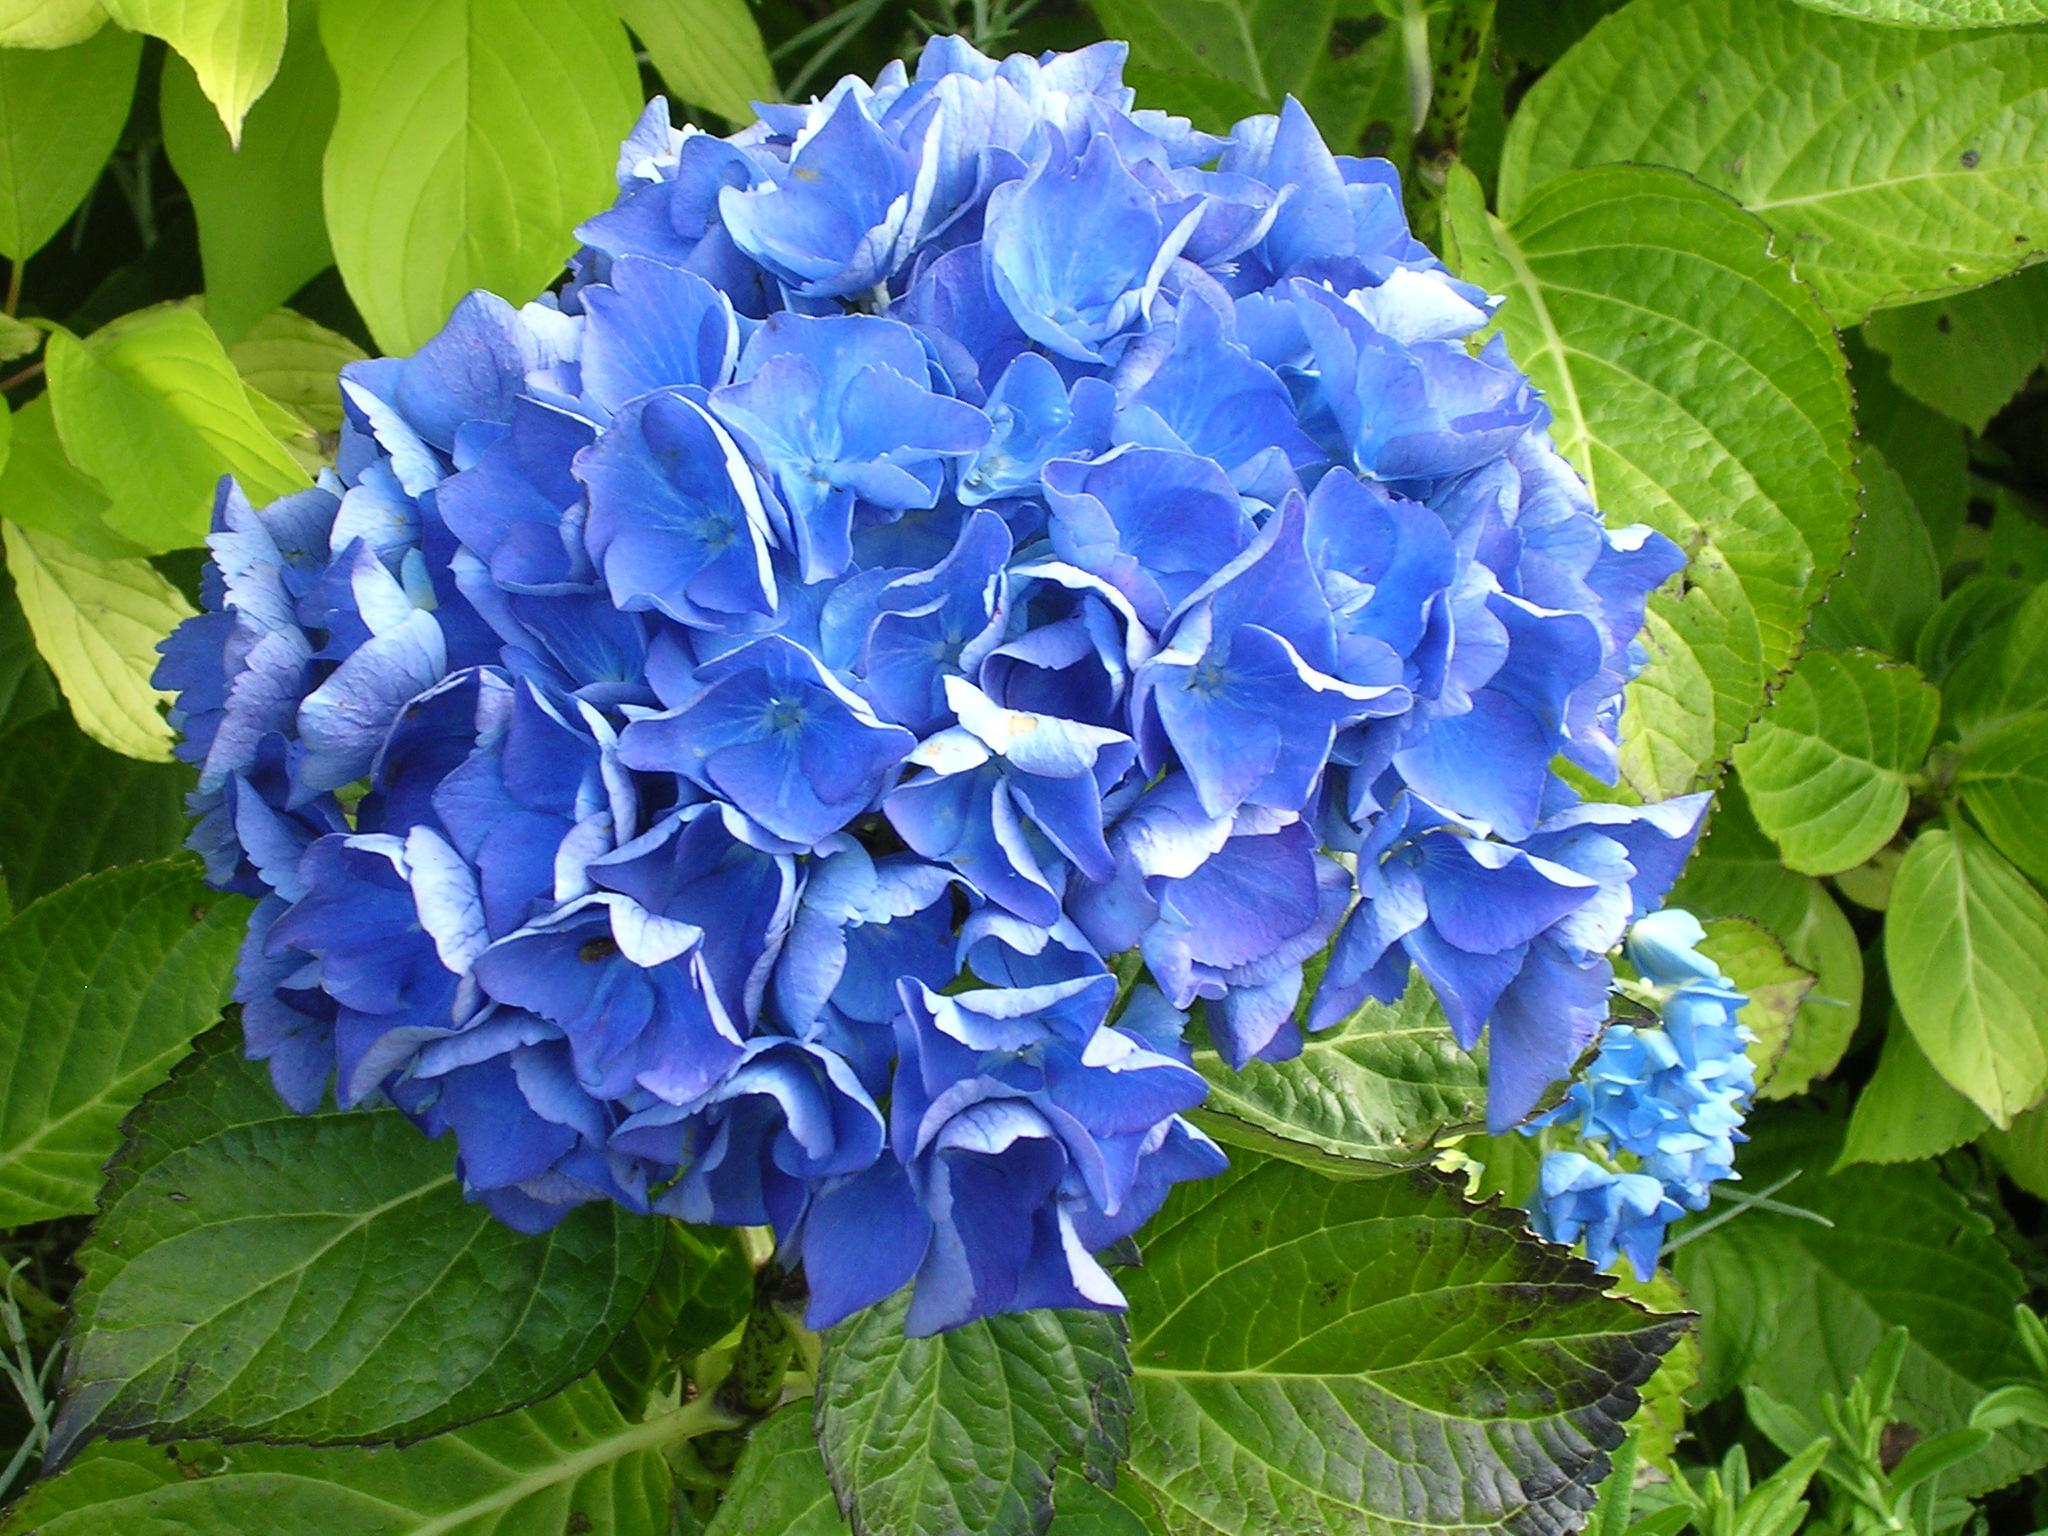 blue flowers free - HD Desktop Wallpapers | 4k HD